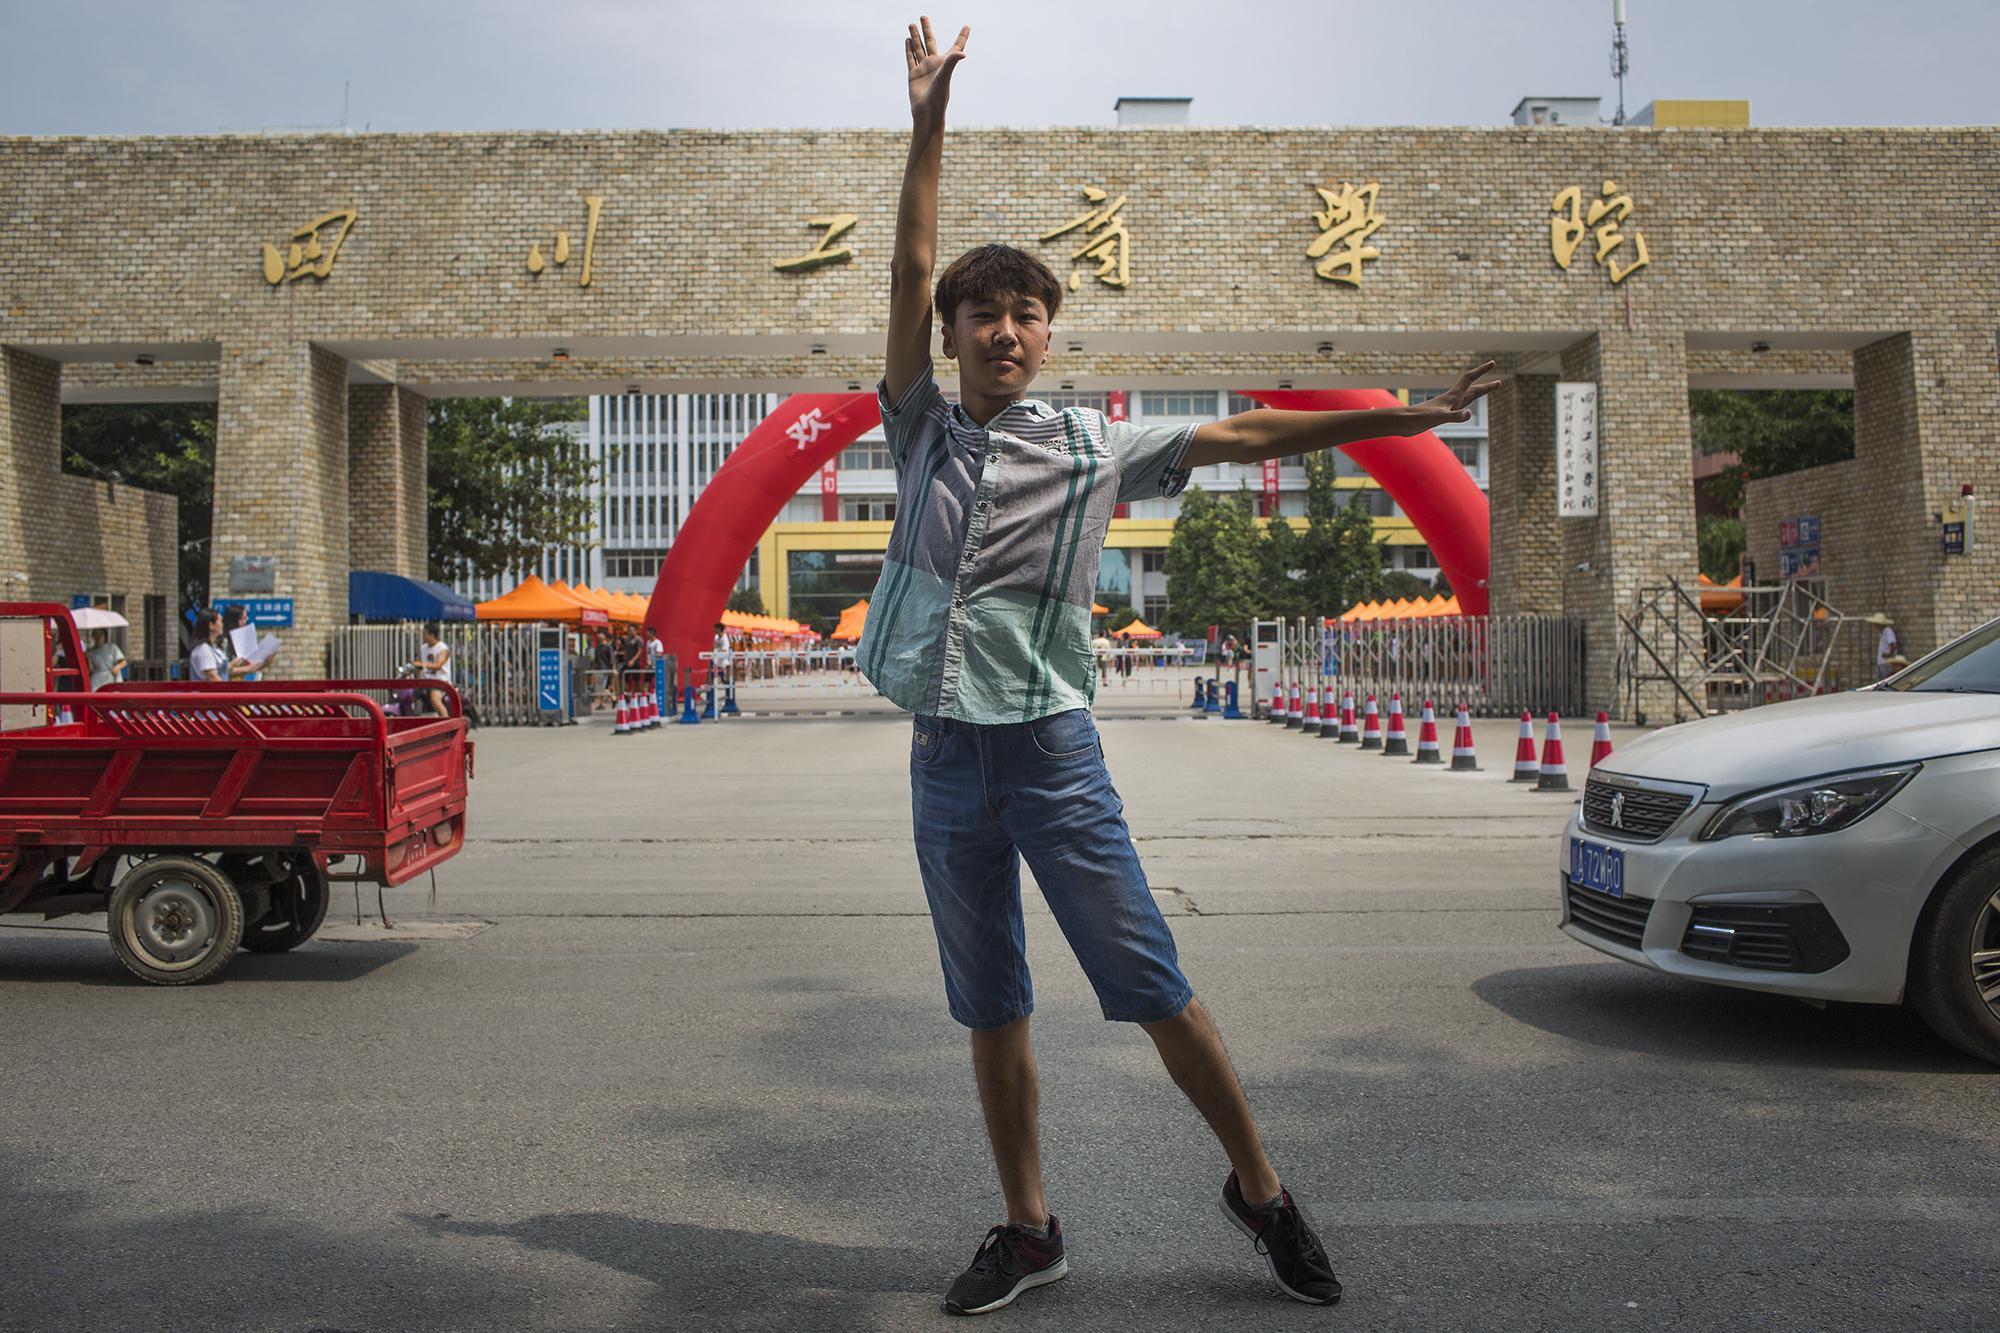 2018年8月30日,大学生刘春莹在四川工商学院门口展示舞蹈动作。2017年,刘春莹以舞蹈艺术生的身份考入四川工商学院。受访者供图